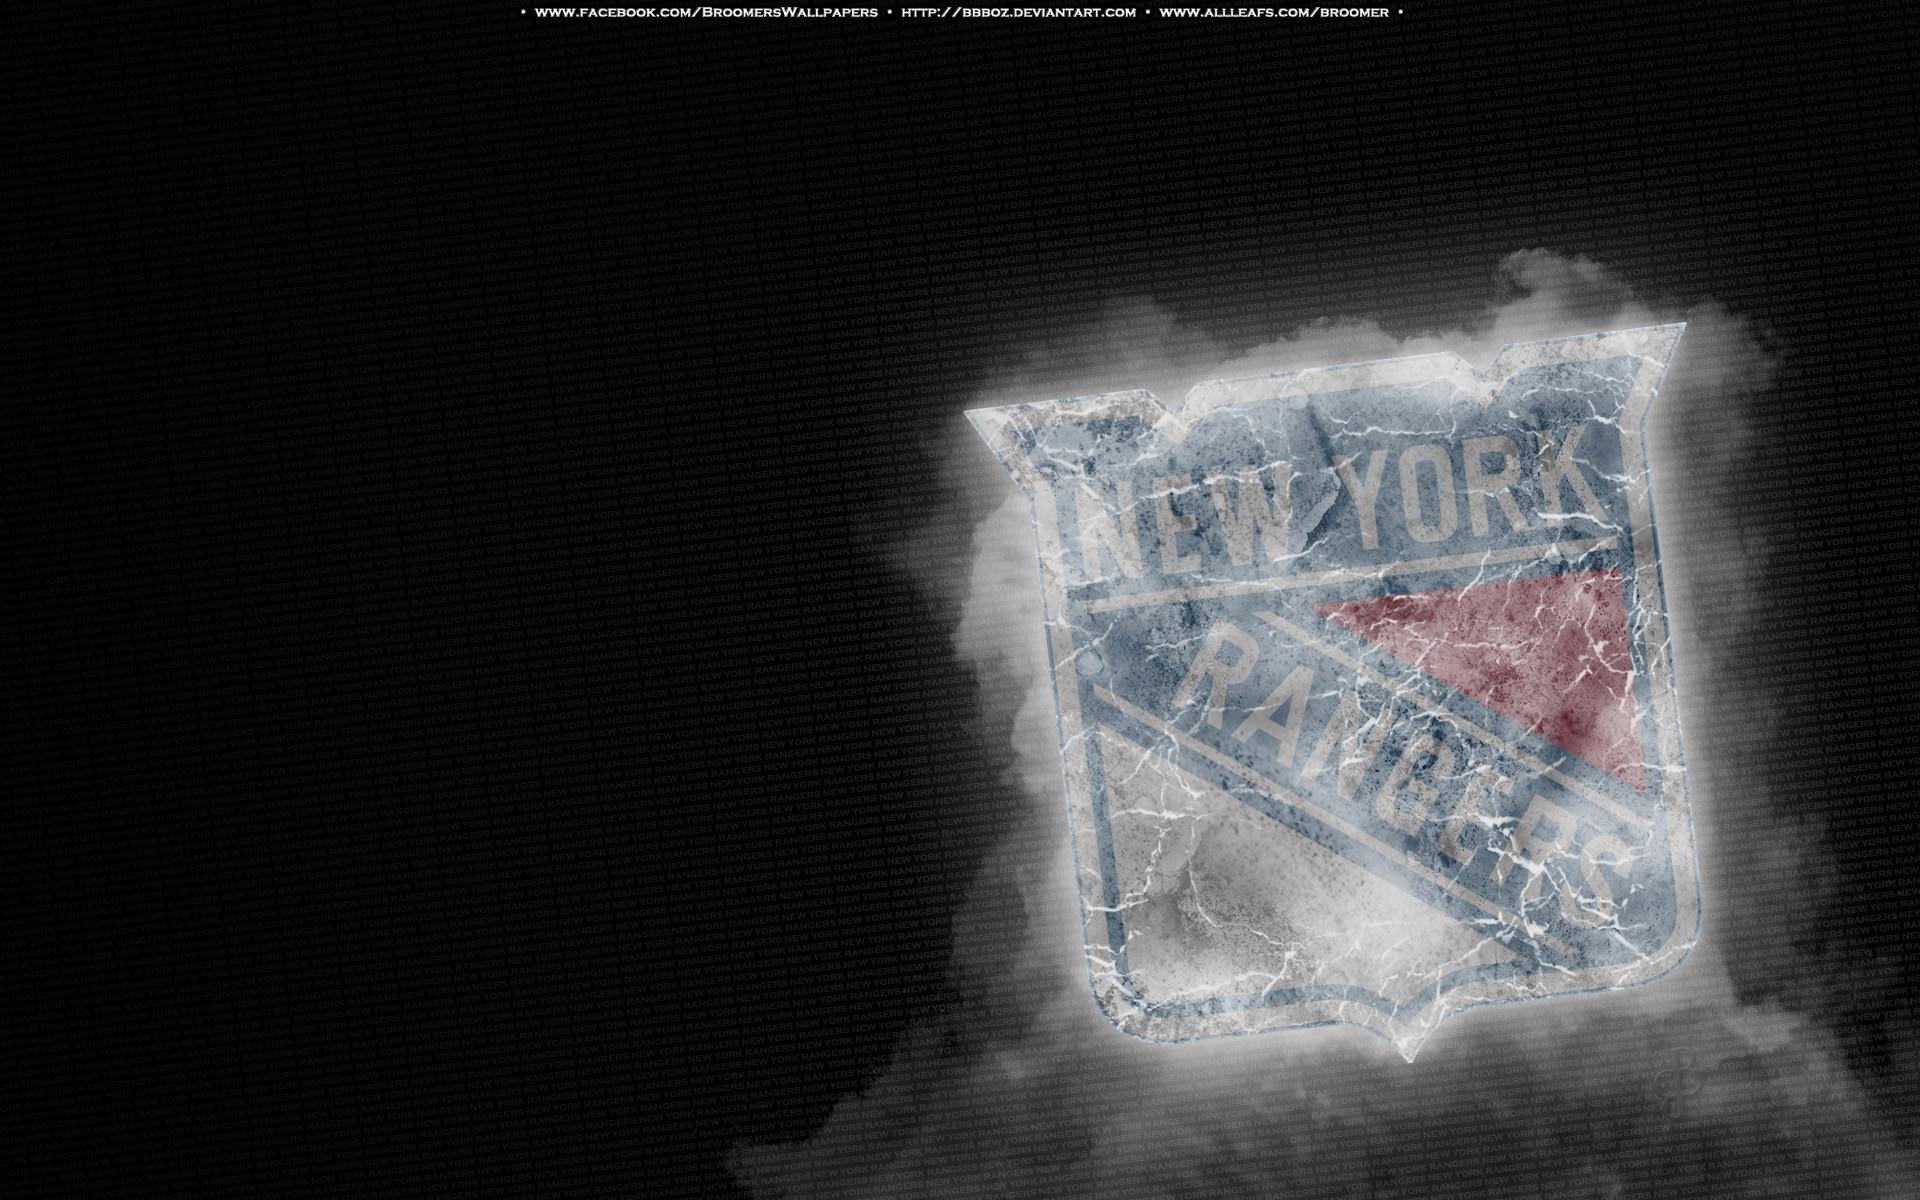 New York Rangers Wallpaper For Android Many HD NY Logo